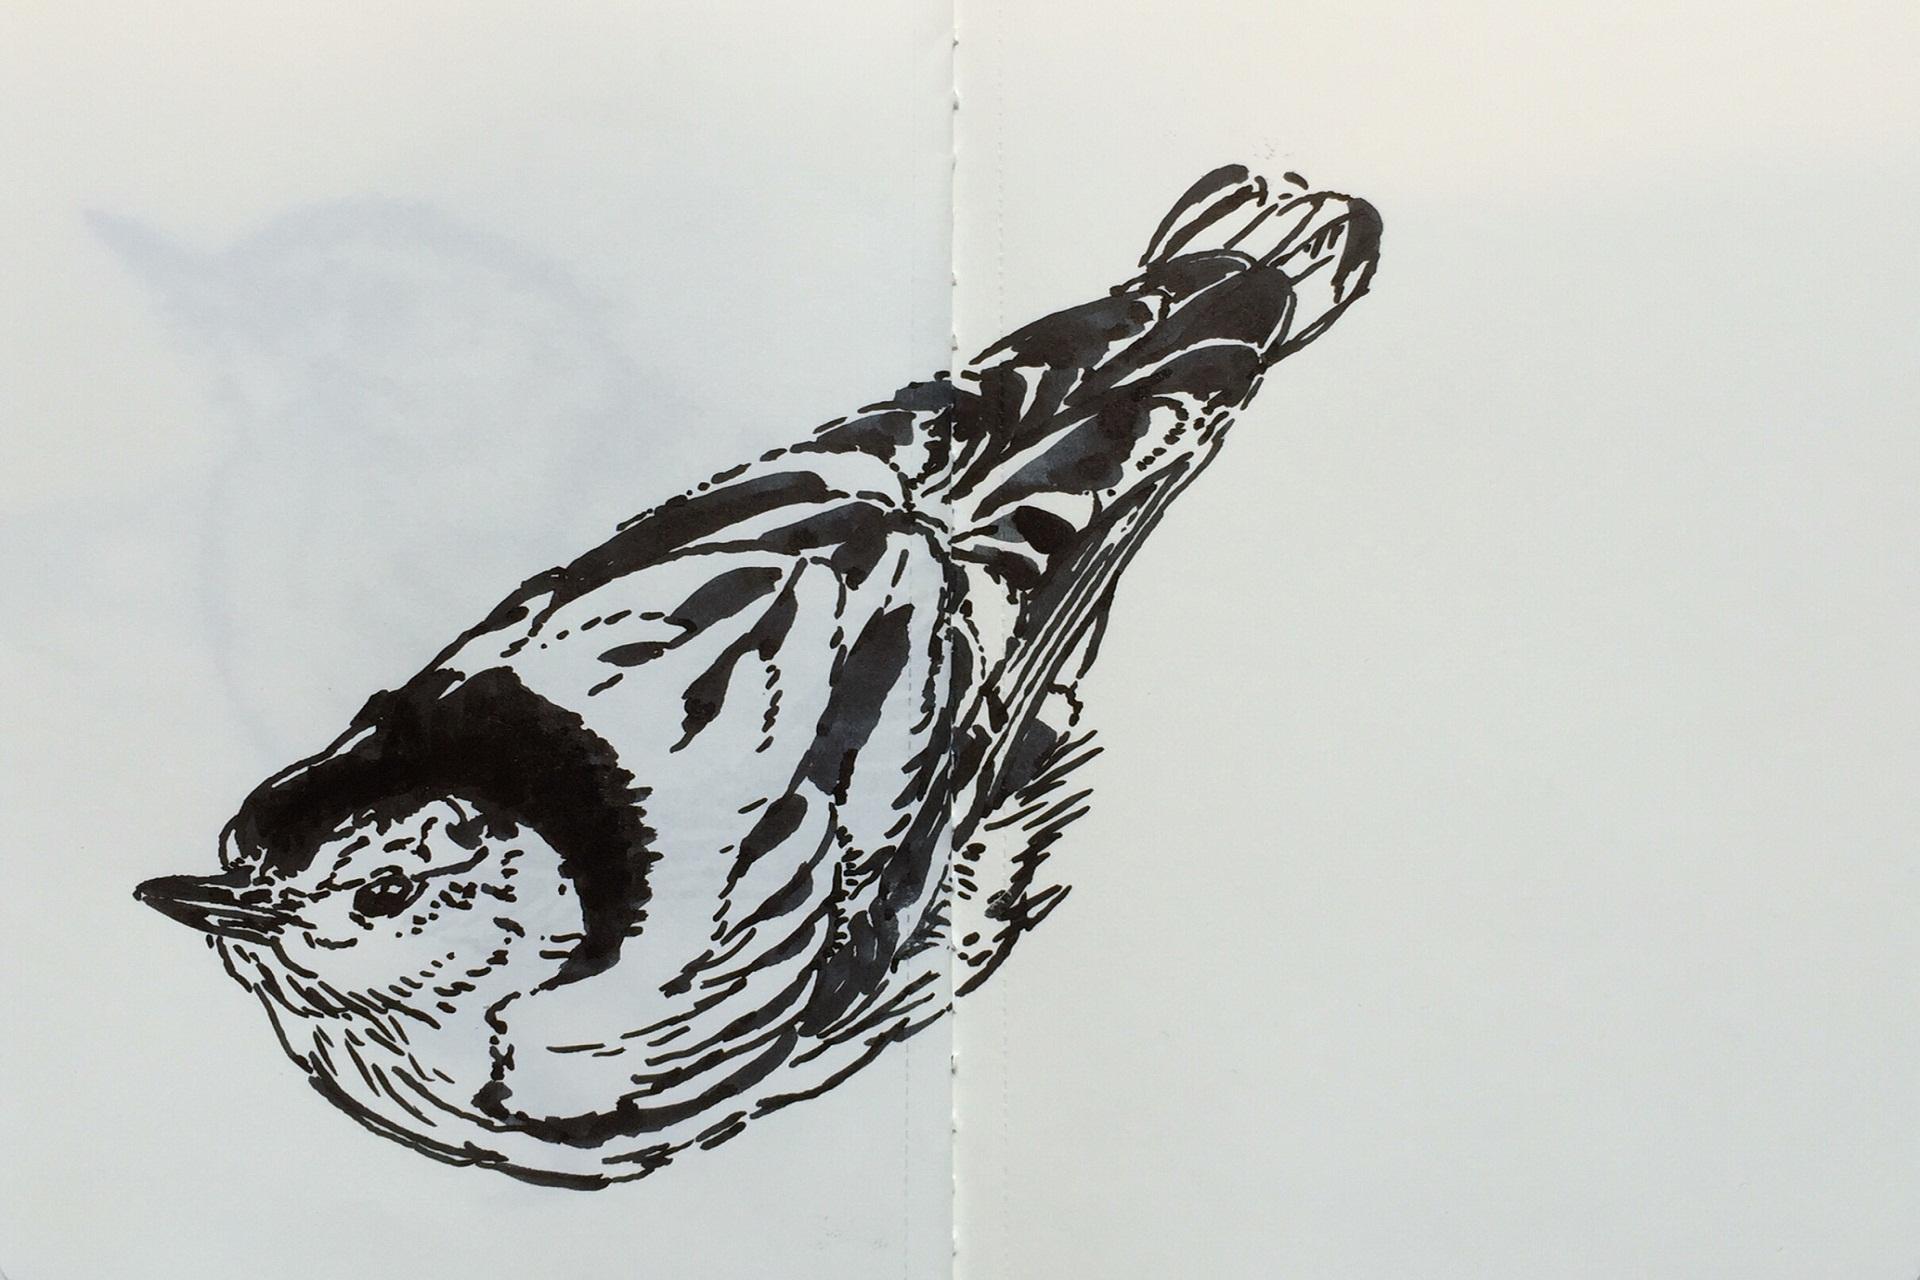 Pájaro  muerto cuando estaba vivo (2016). Enrique Enriquez.